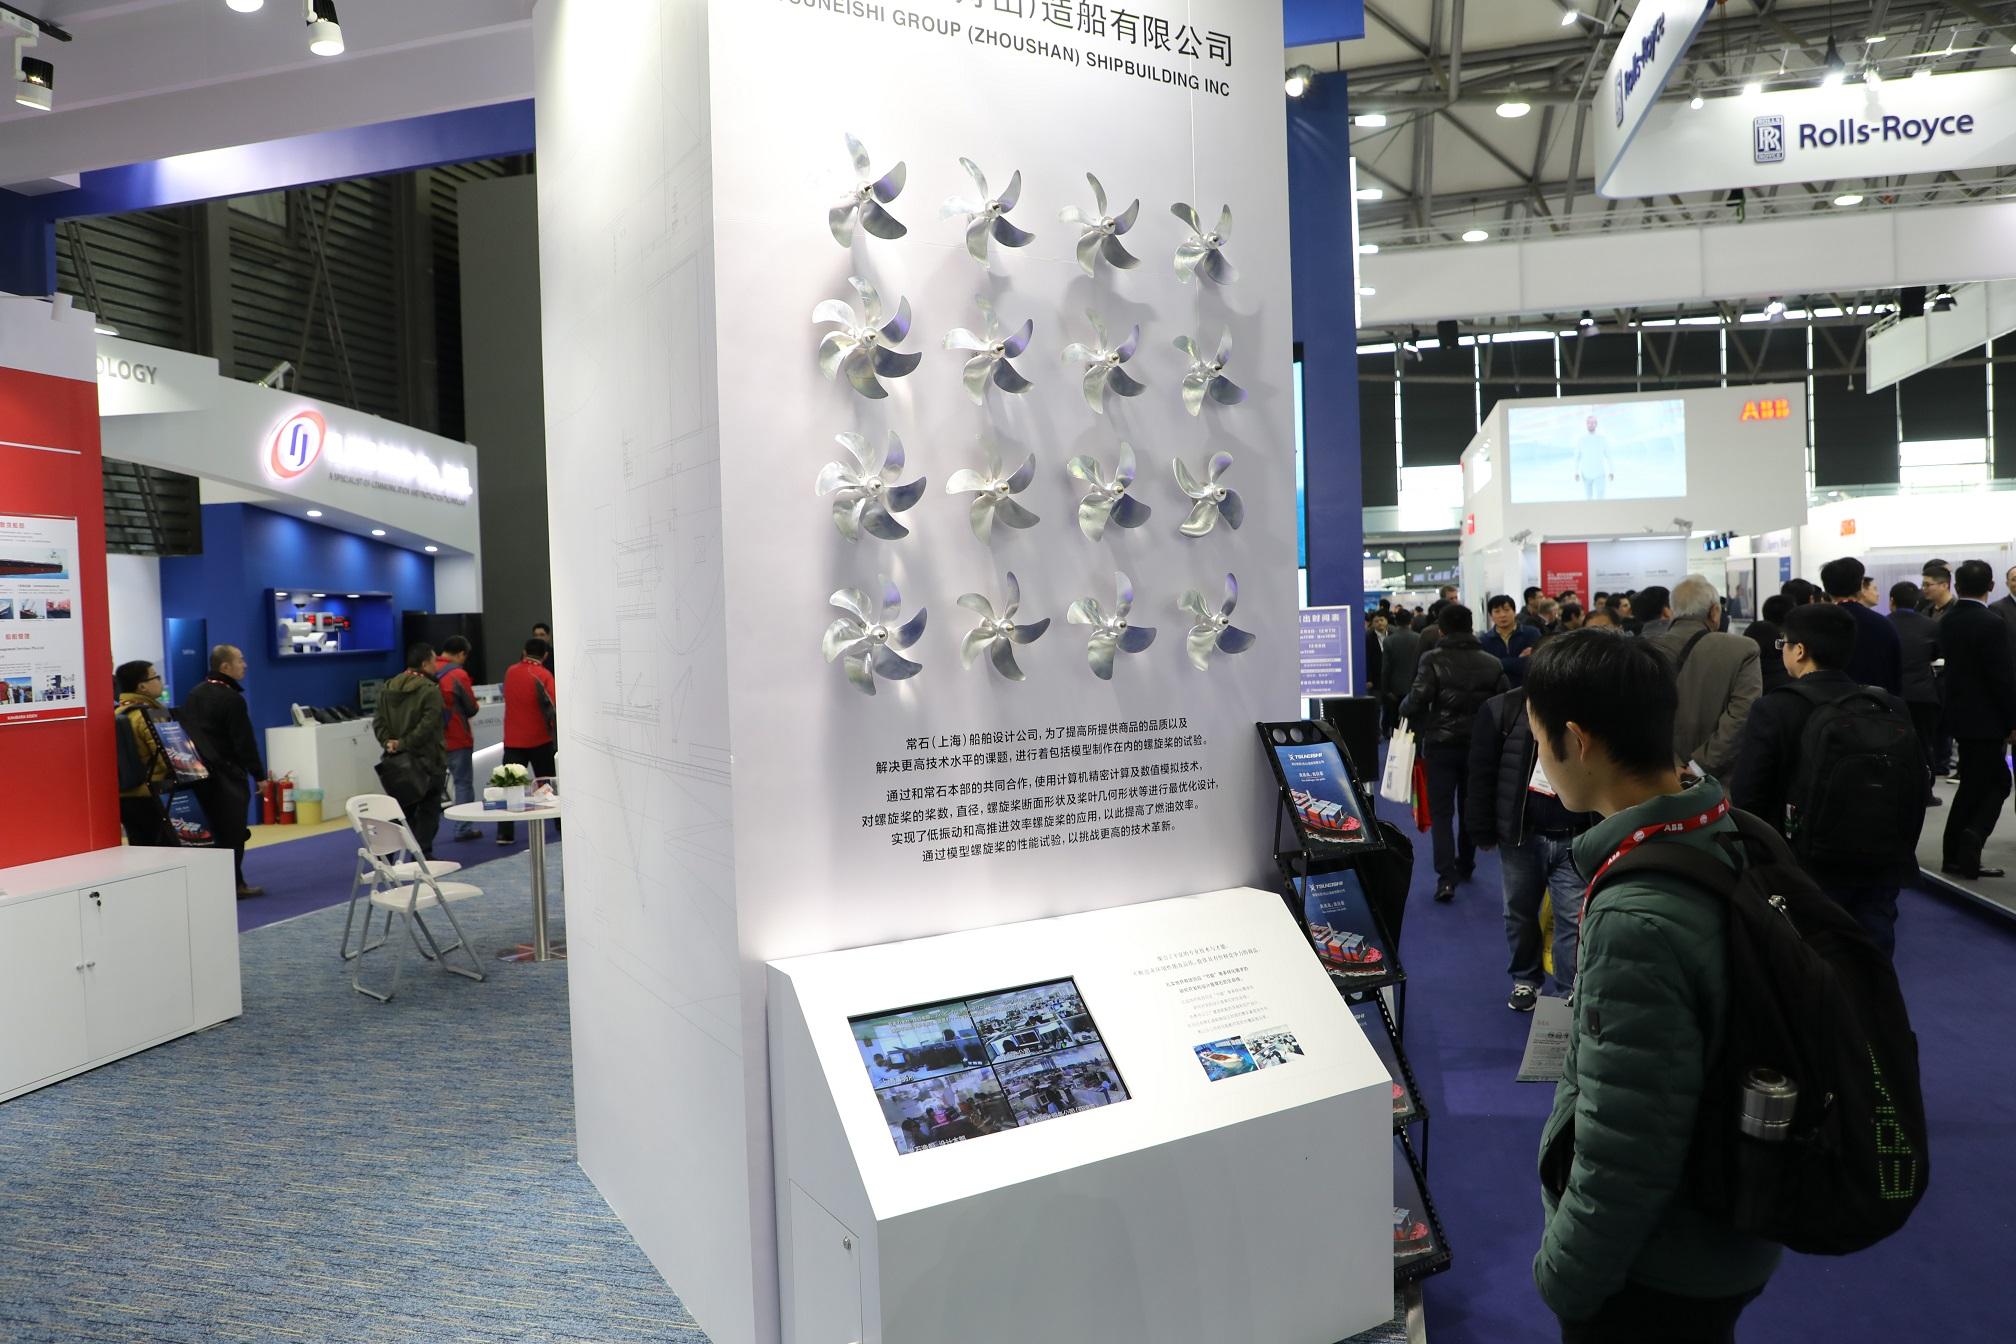 Model of the propeller developed by TSUNEISHI